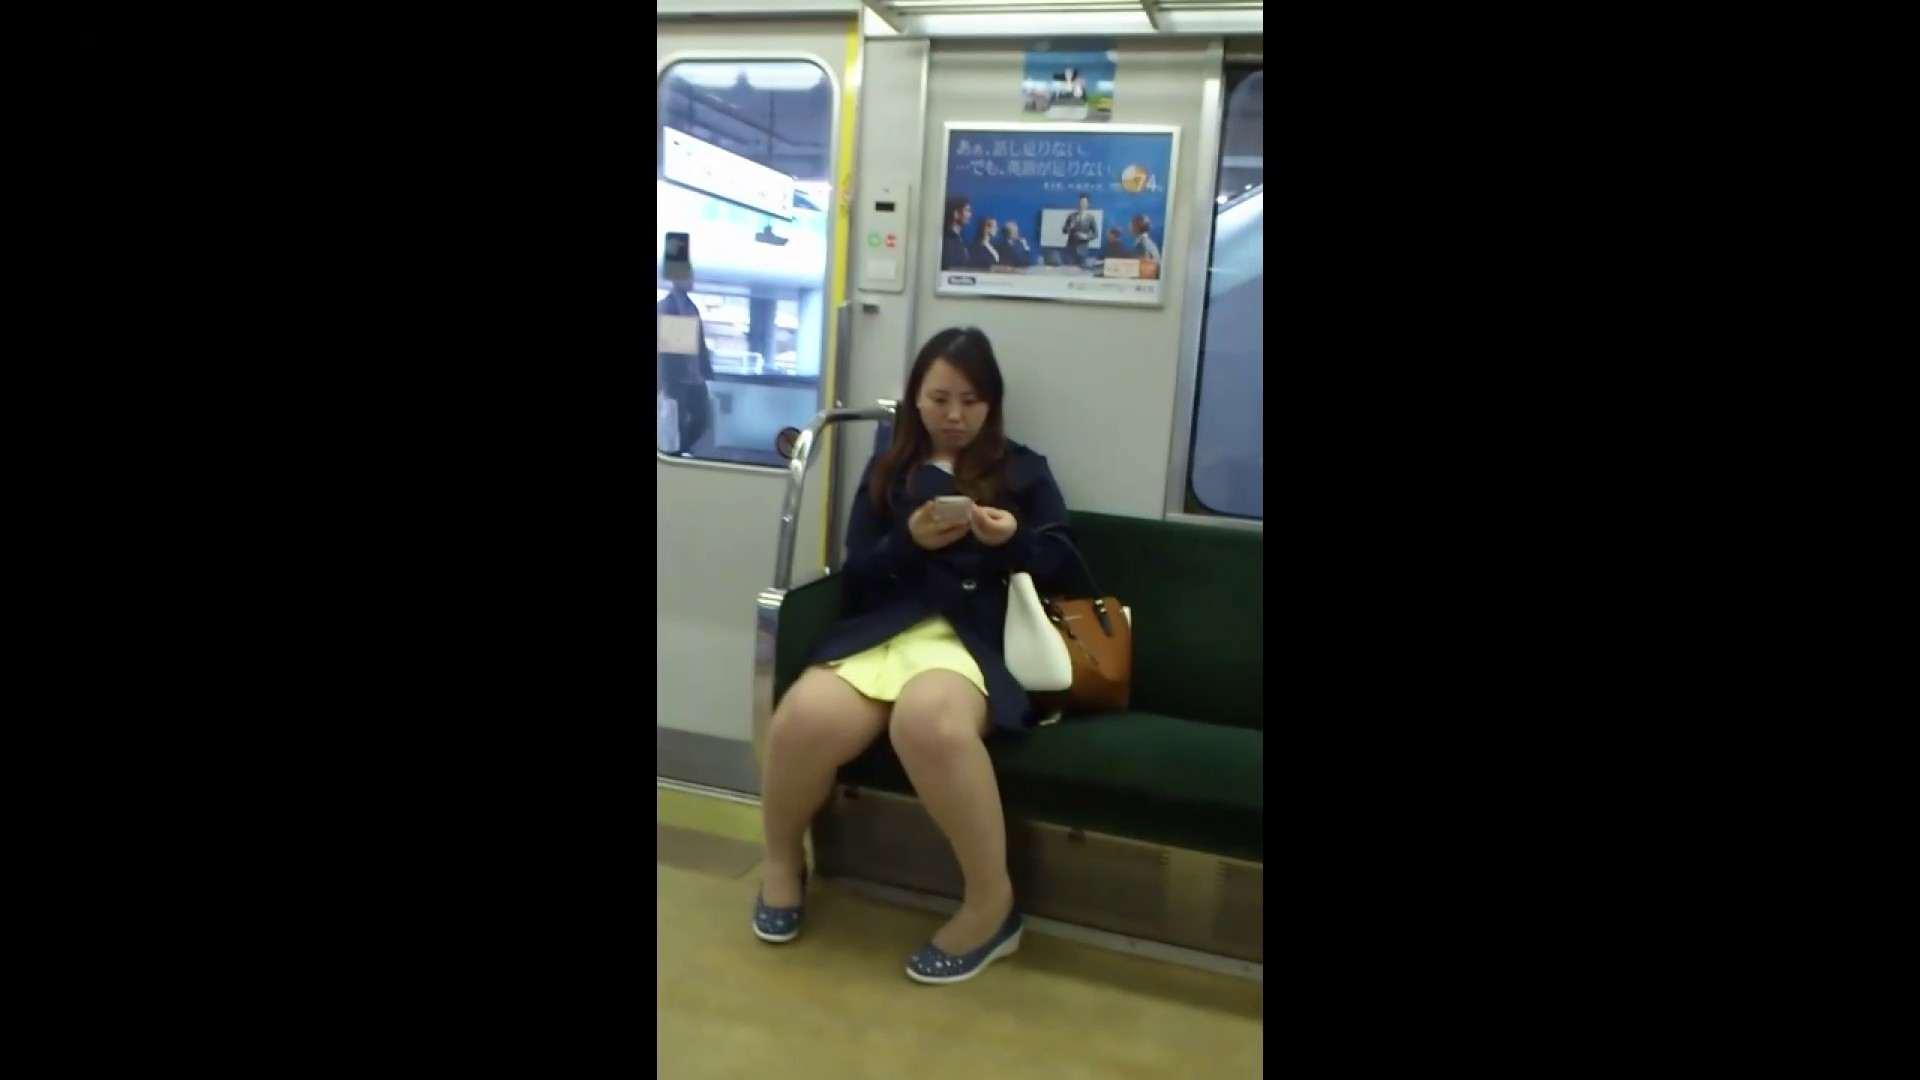 盗撮列車 Vol.54 春色の黄色のスカート エッチすぎるOL達  88連発 78